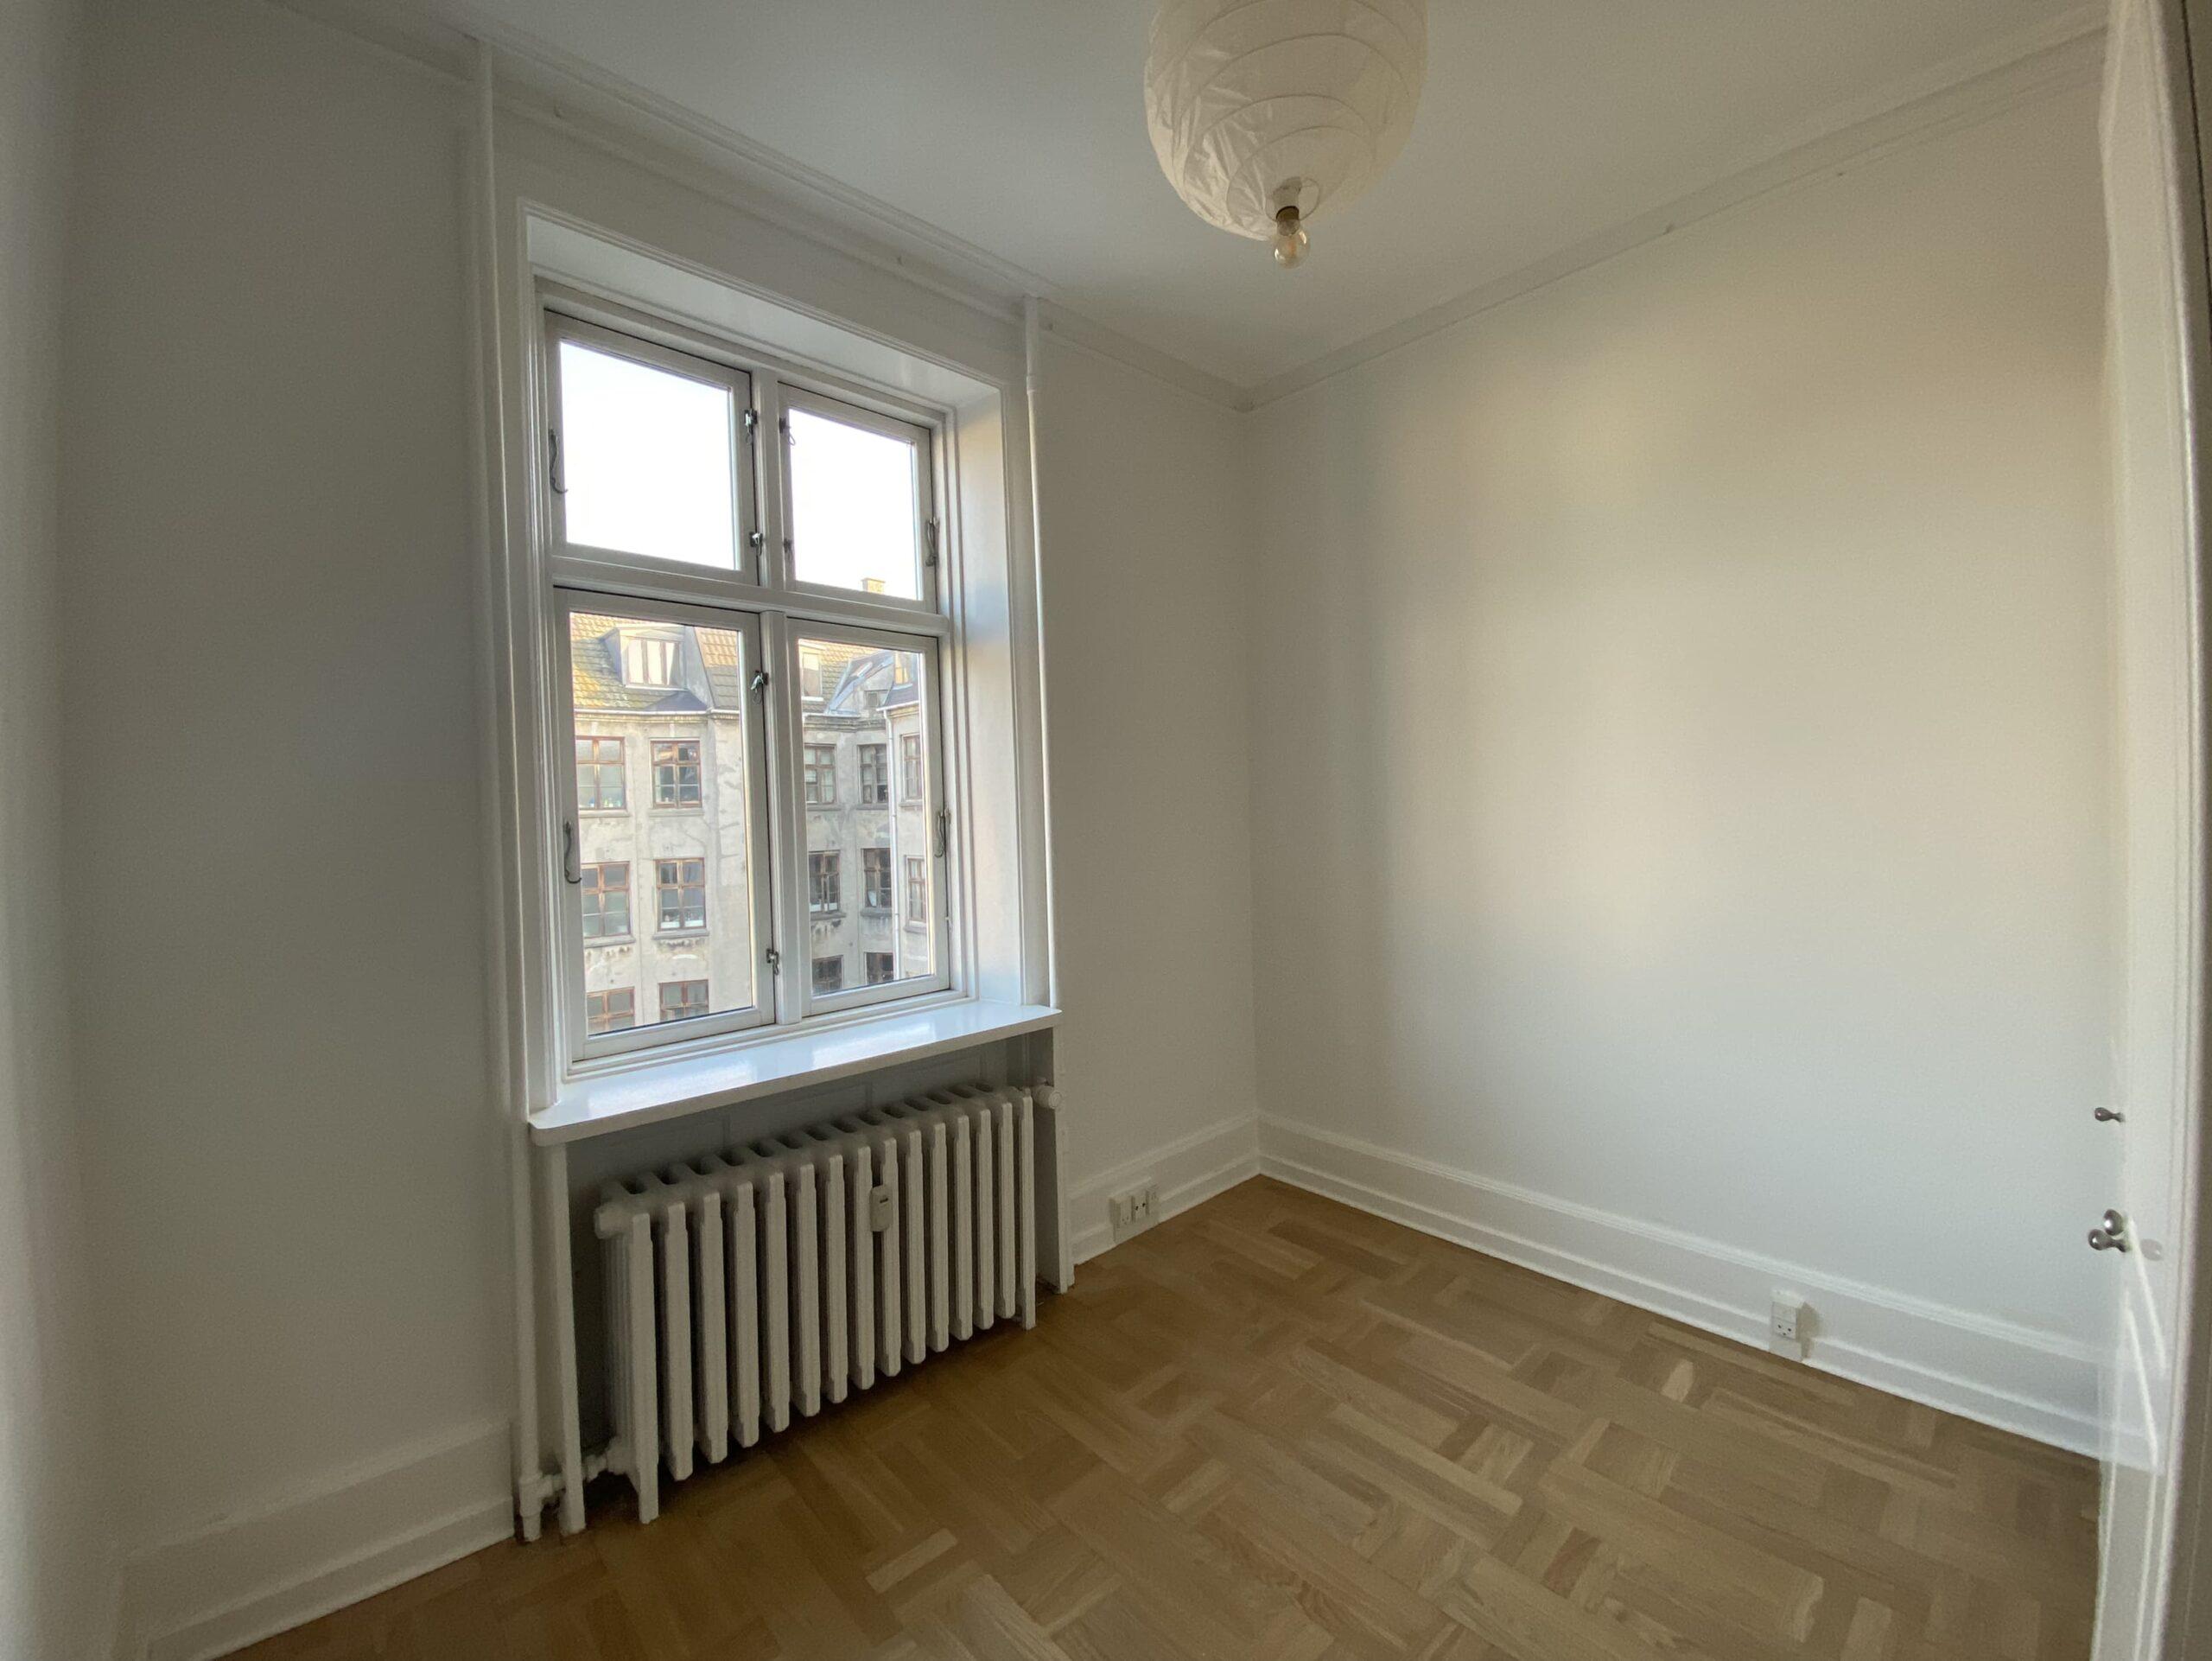 lille værelse